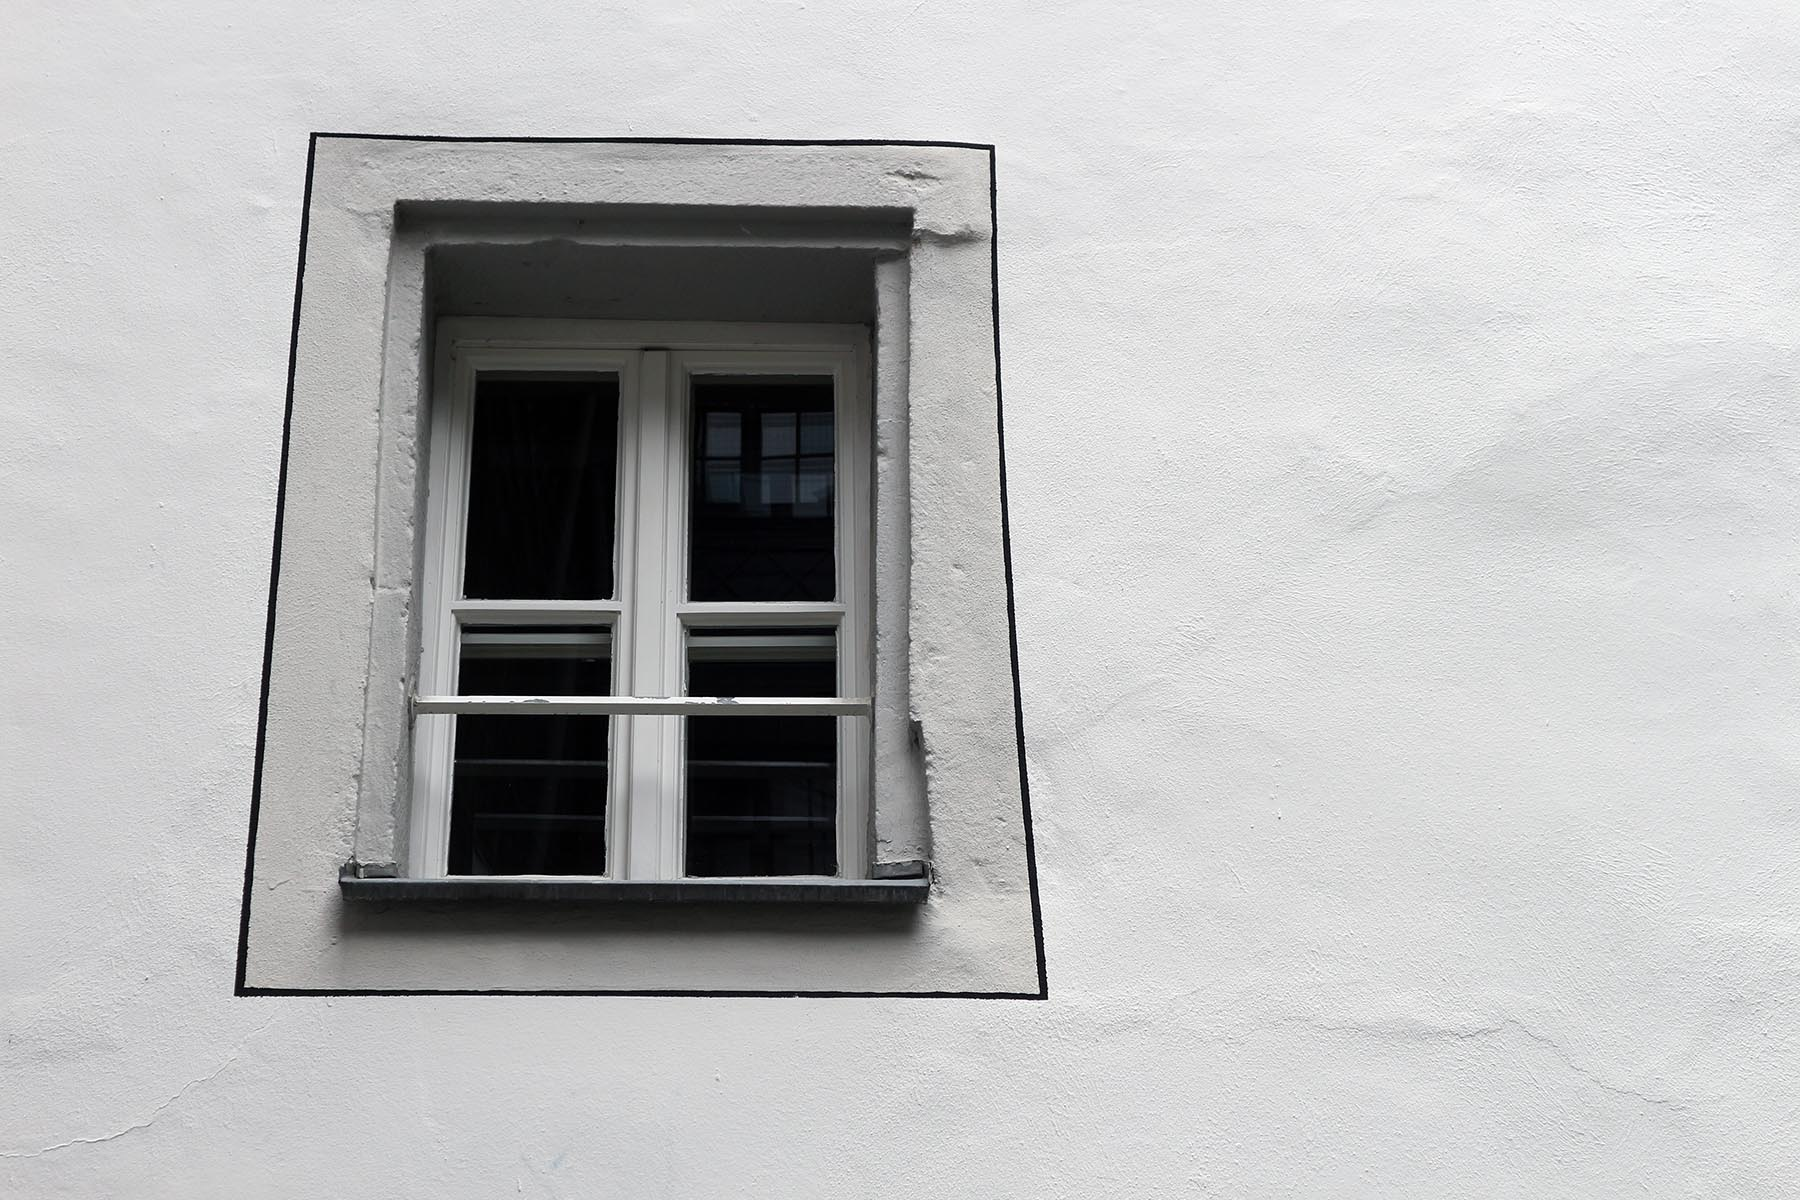 """Akzent.  """"Typisch für die Gebäude der Altstadt ist auch die Betonung der Fensteröffnungen durch Steingewände oder Putzgliederungen, sogenannte Faschen."""" – aus dem Gestaltungshandbuch Altstadt der Stadt Regensburg."""